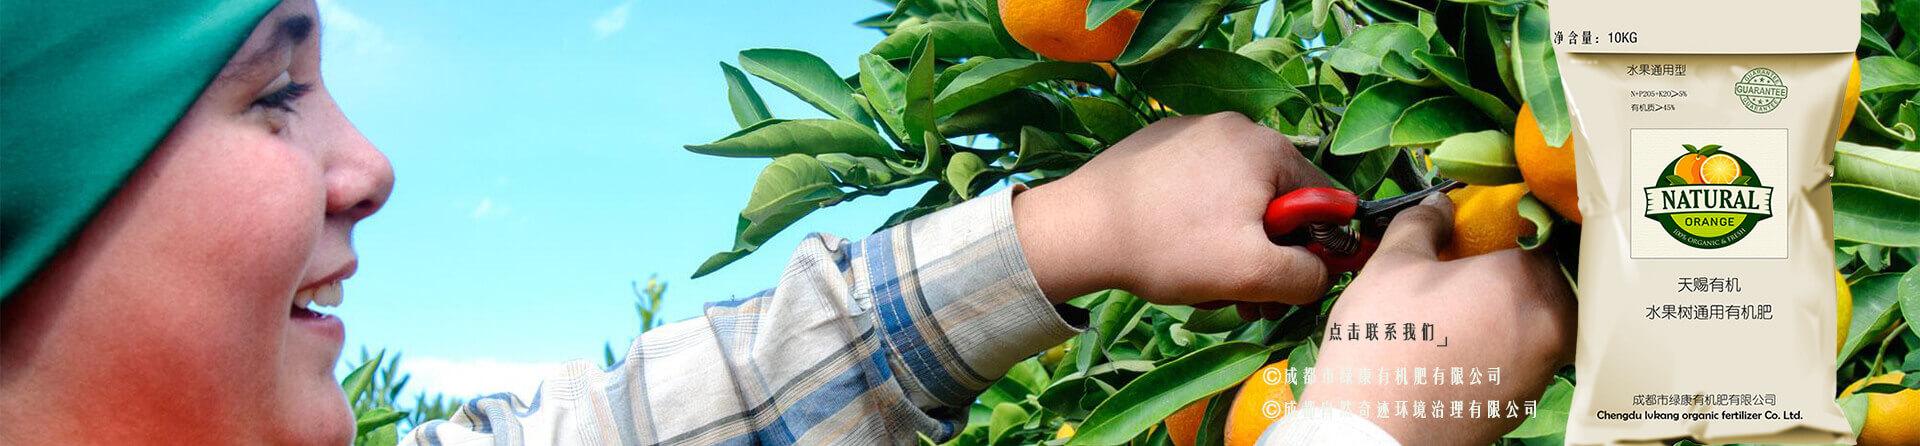 绿康果树有机肥